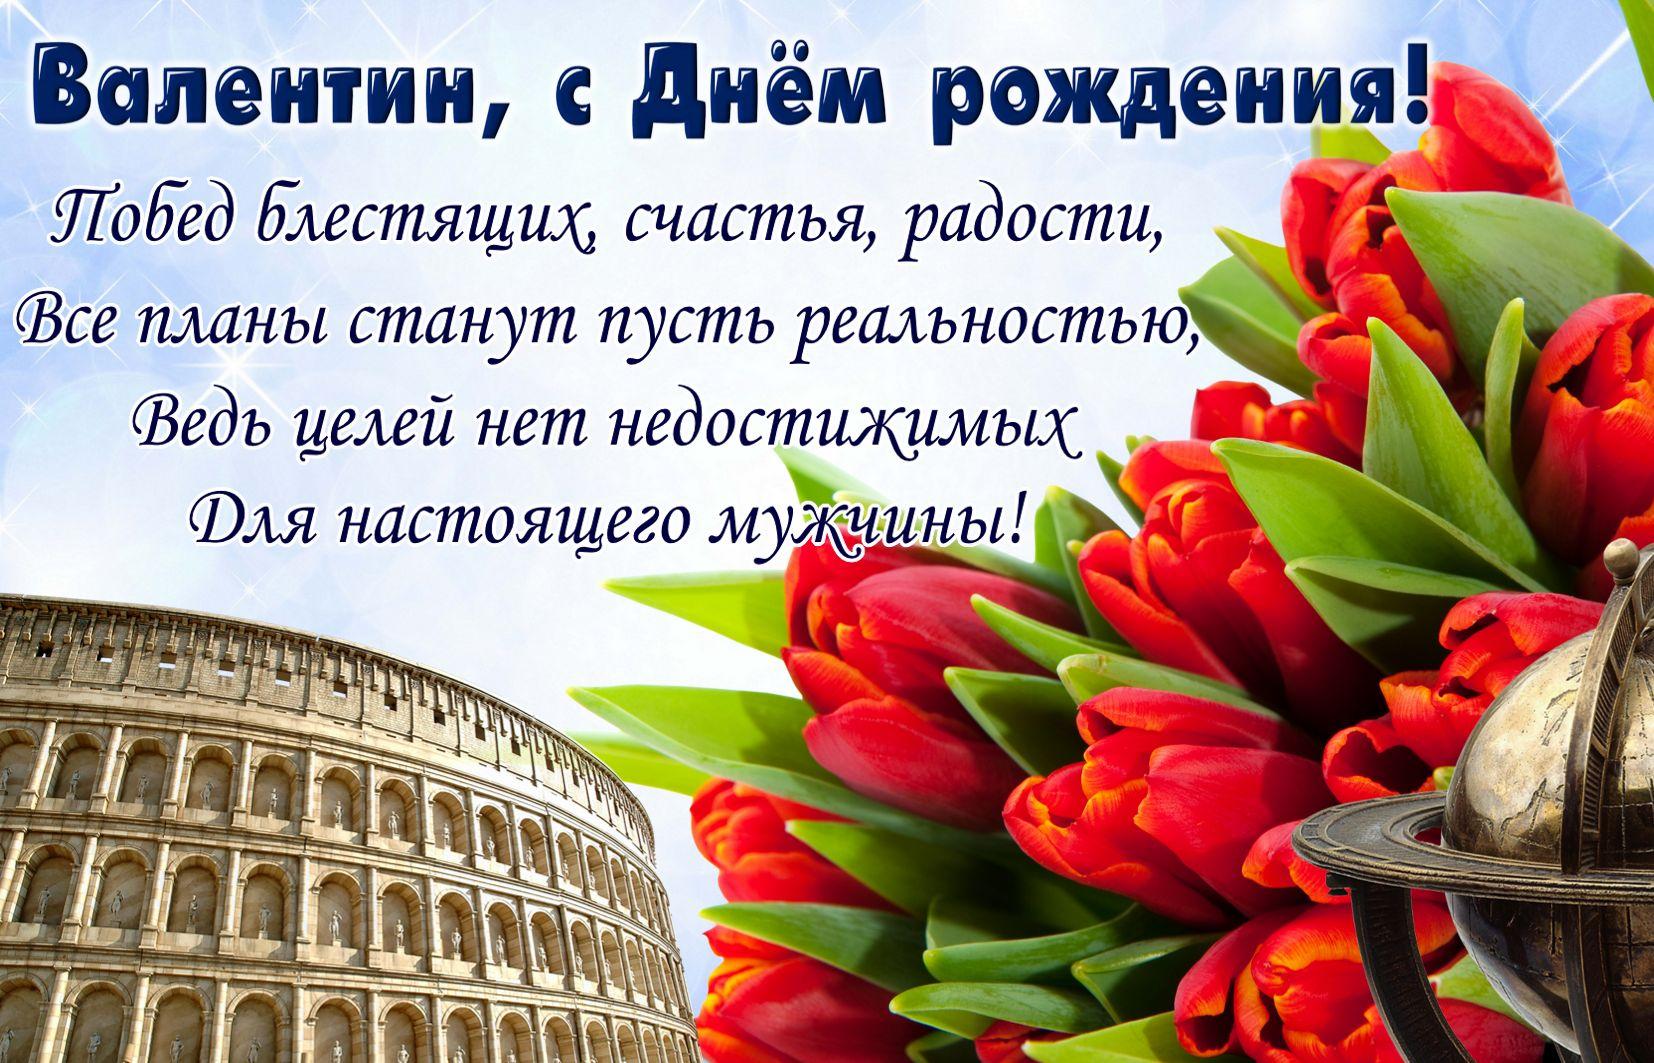 Картинка с красными тюльпанами Валентину на День рождения